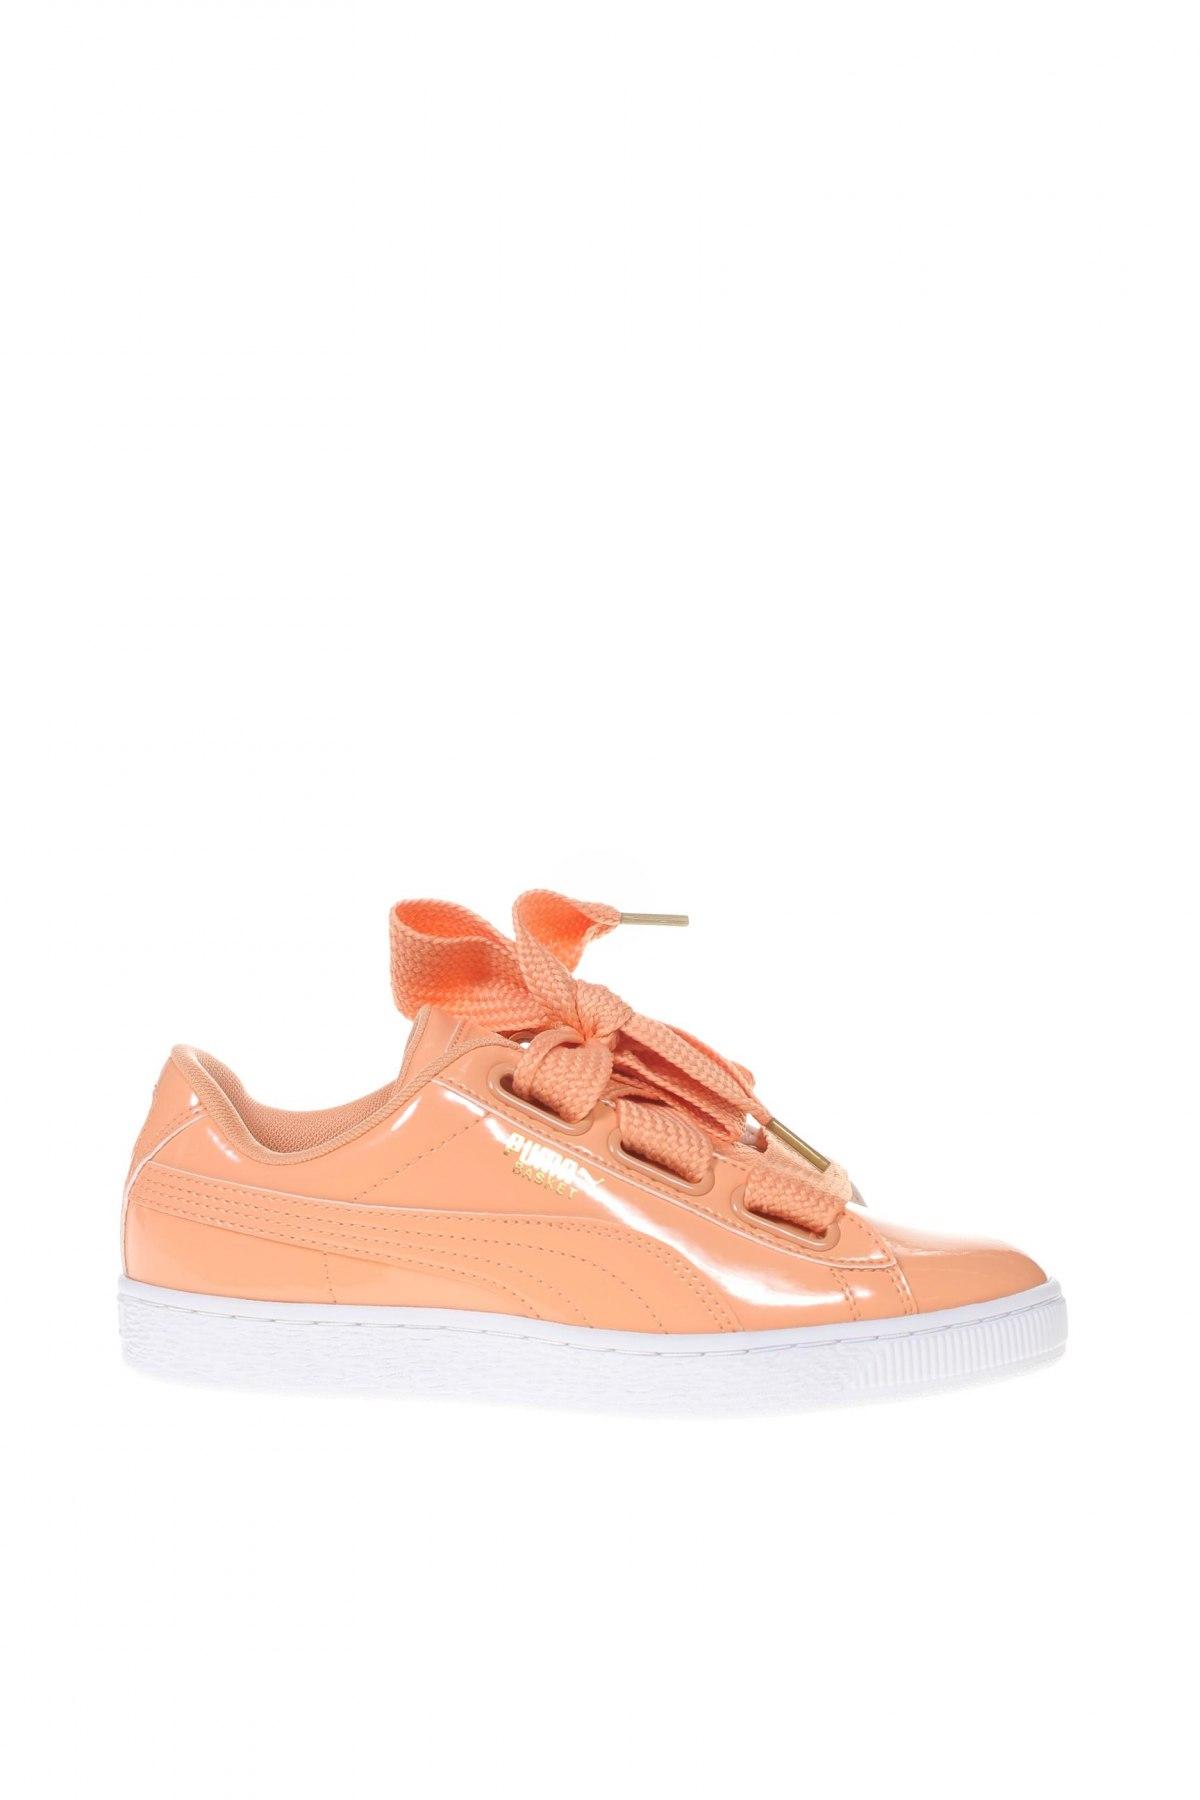 Γυναικεία παπούτσια PUMA, Μέγεθος 37, Χρώμα Ρόζ , Δερματίνη, Τιμή 61,47€